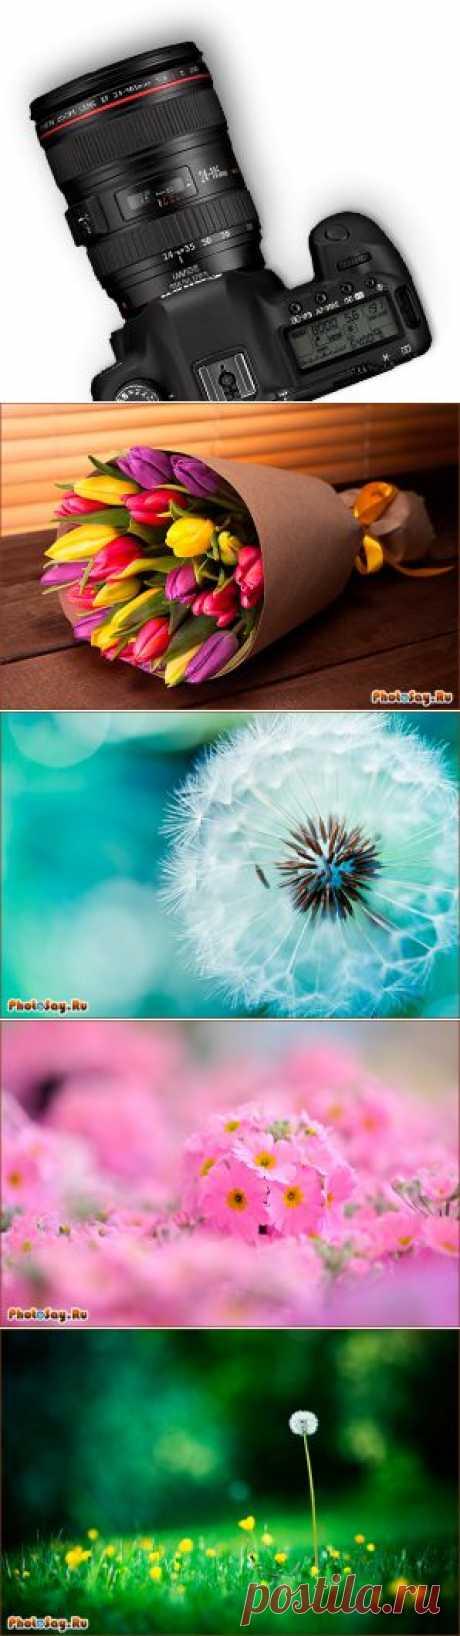 Как фотографировать цветы? - Фотосайт. Уроки фотографии. Статьи о фотографии.